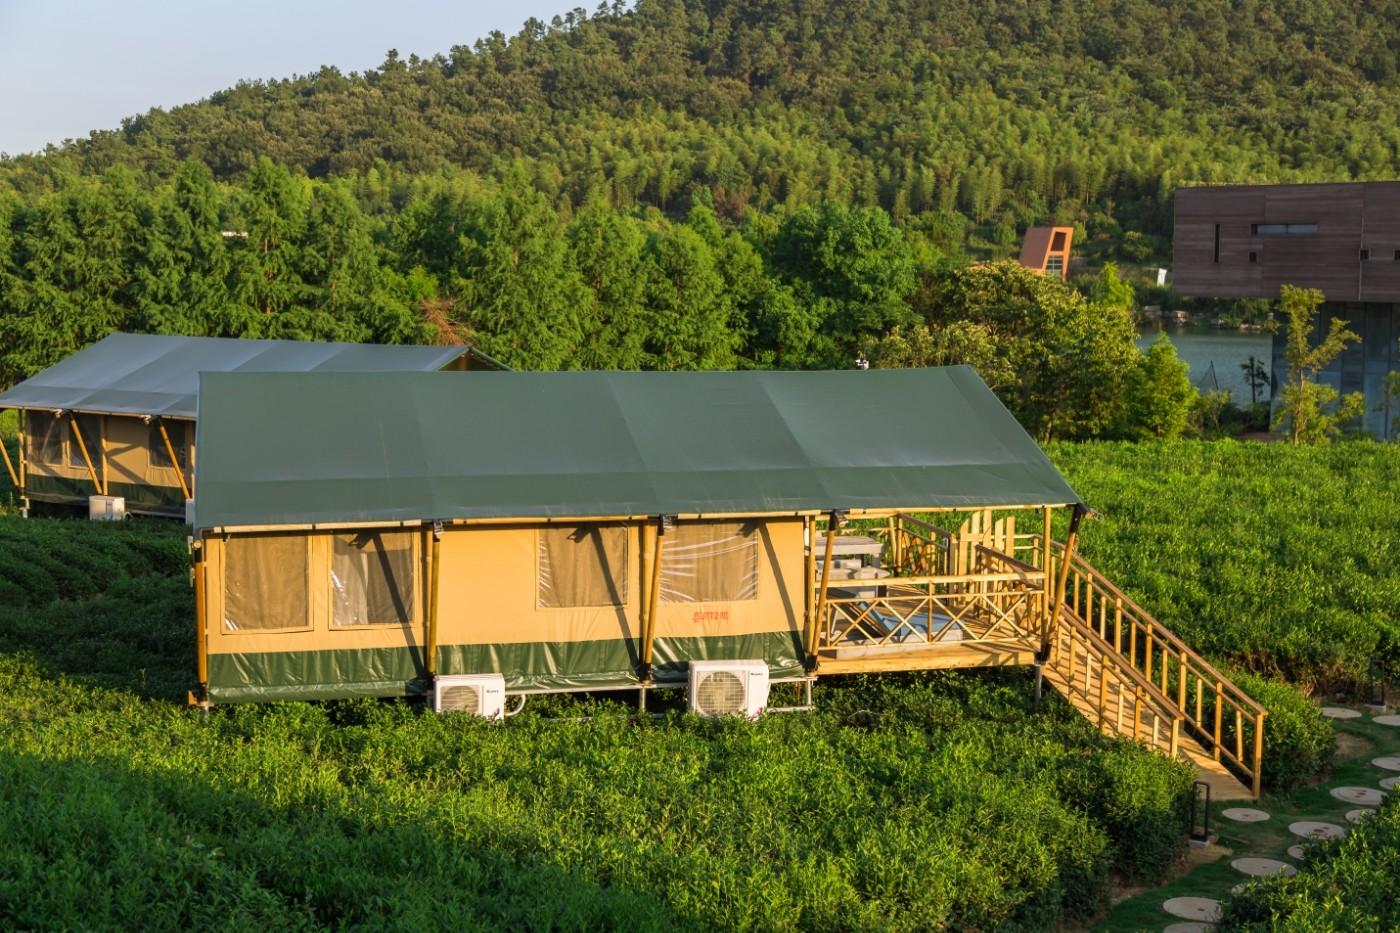 喜马拉雅野奢帐篷酒店—江苏常州茅山宝盛园茶园帐篷酒店9